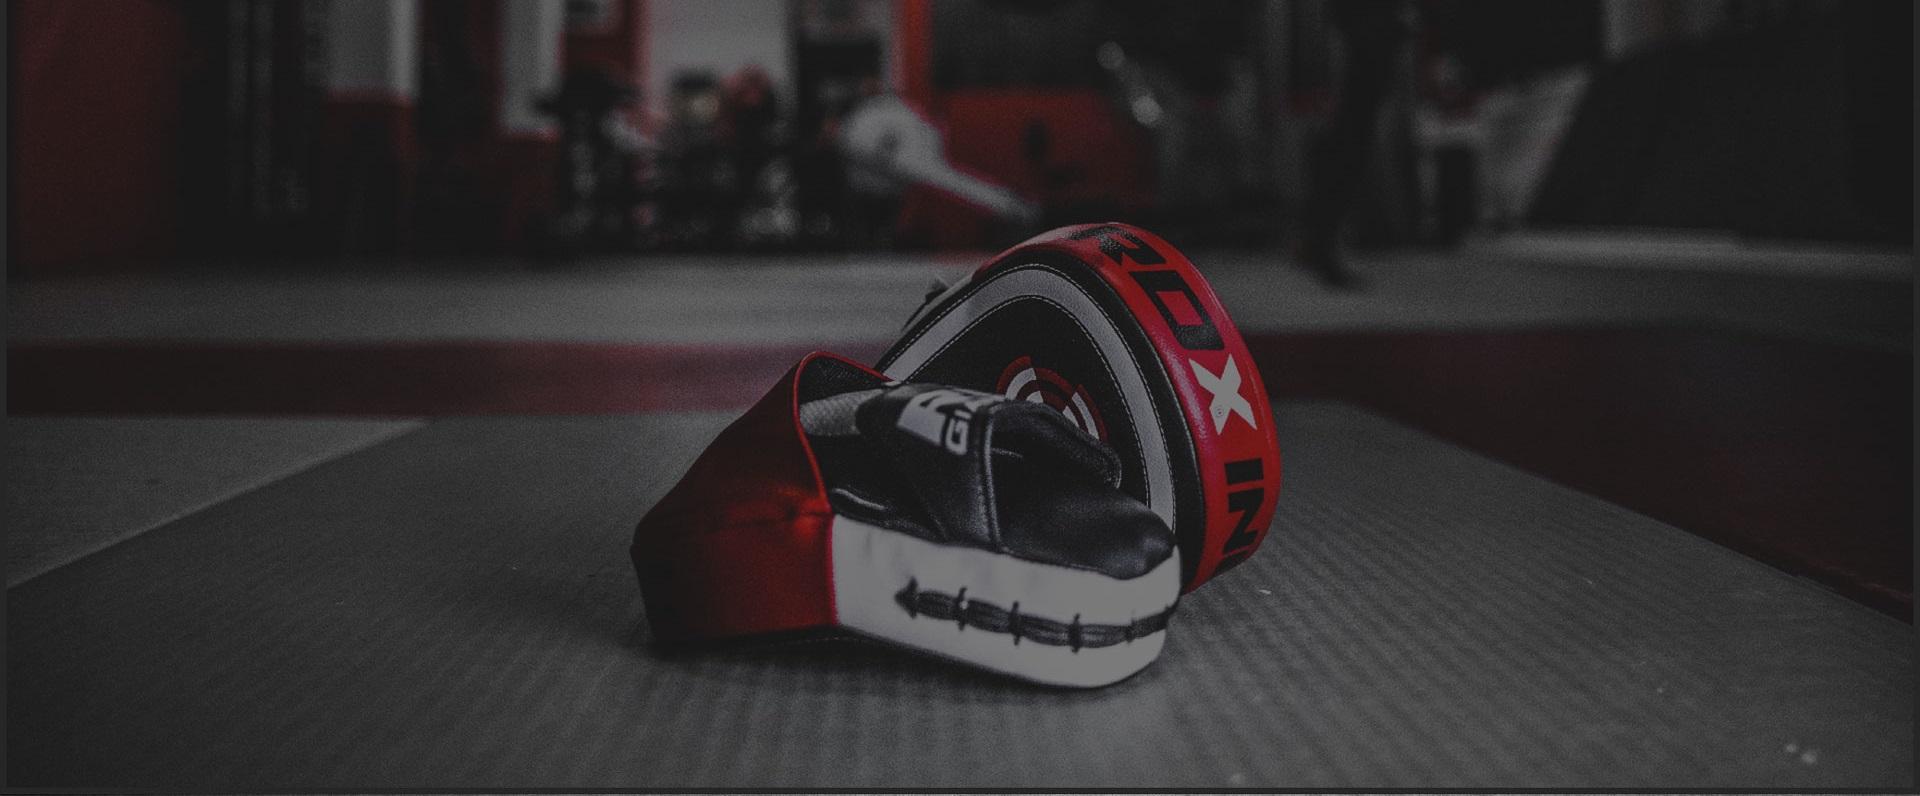 landing-page-boxingkit-image.jpg